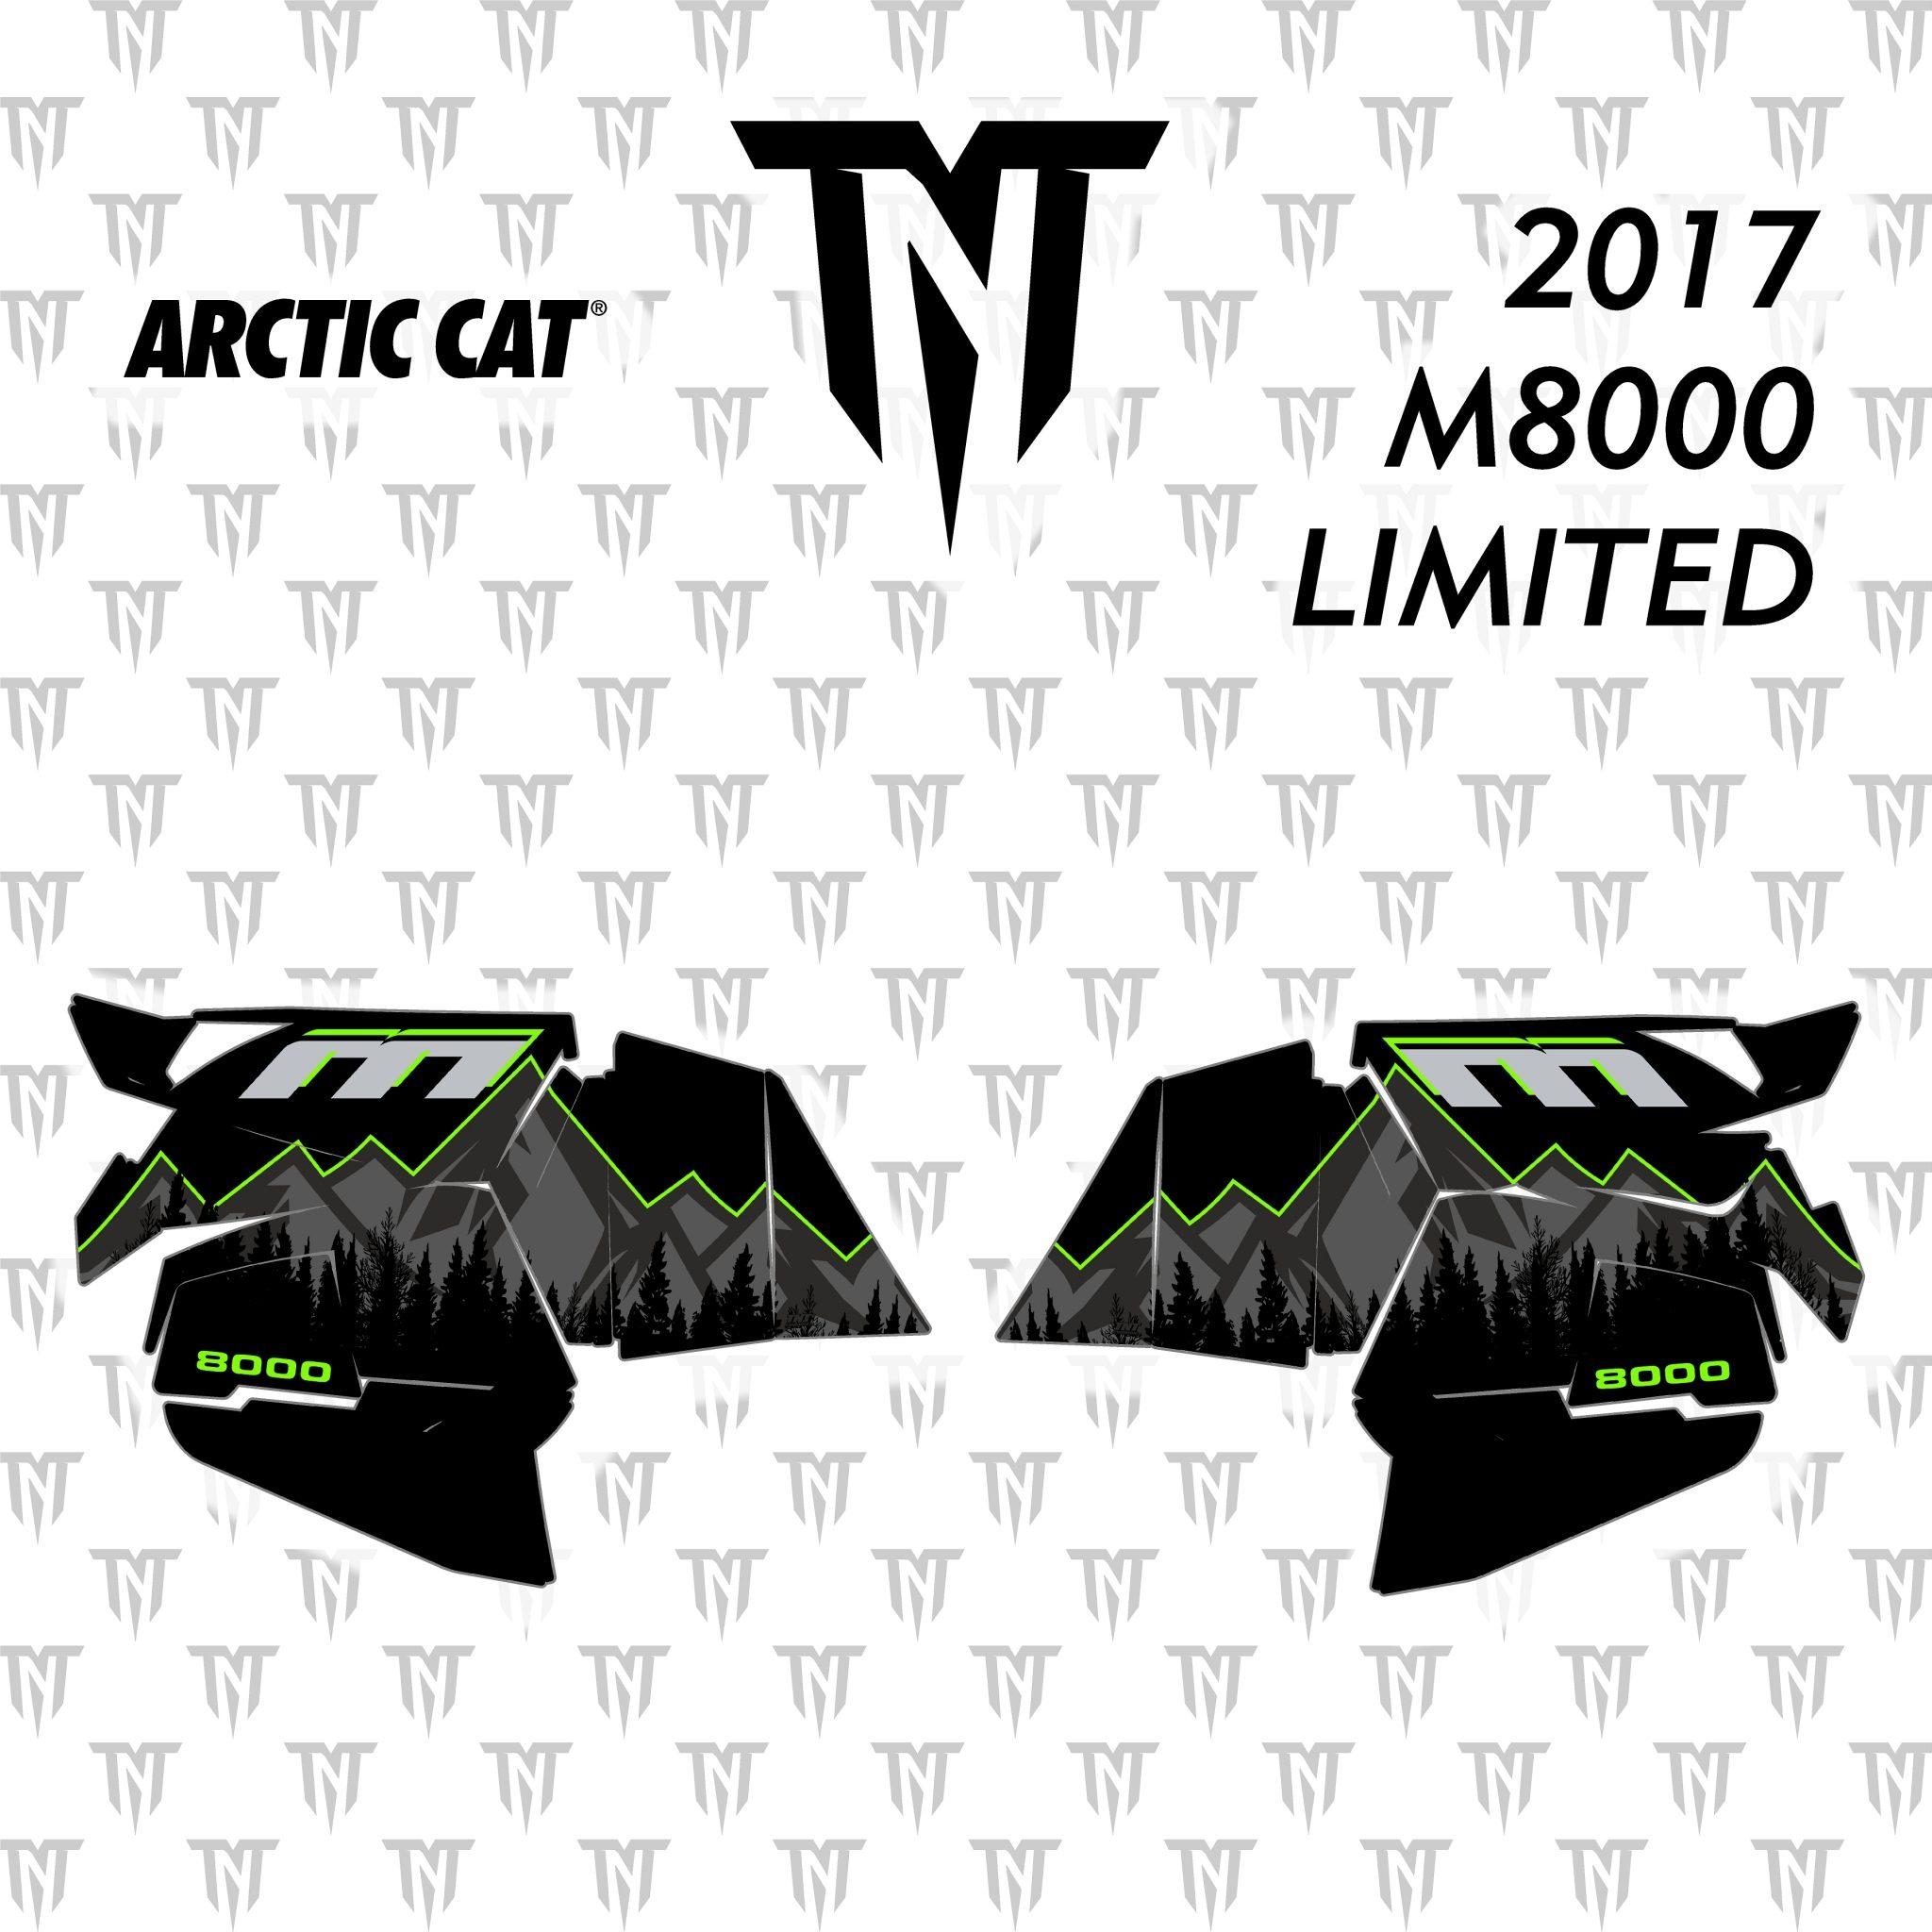 2017 Arctic Cat M8000 Limited